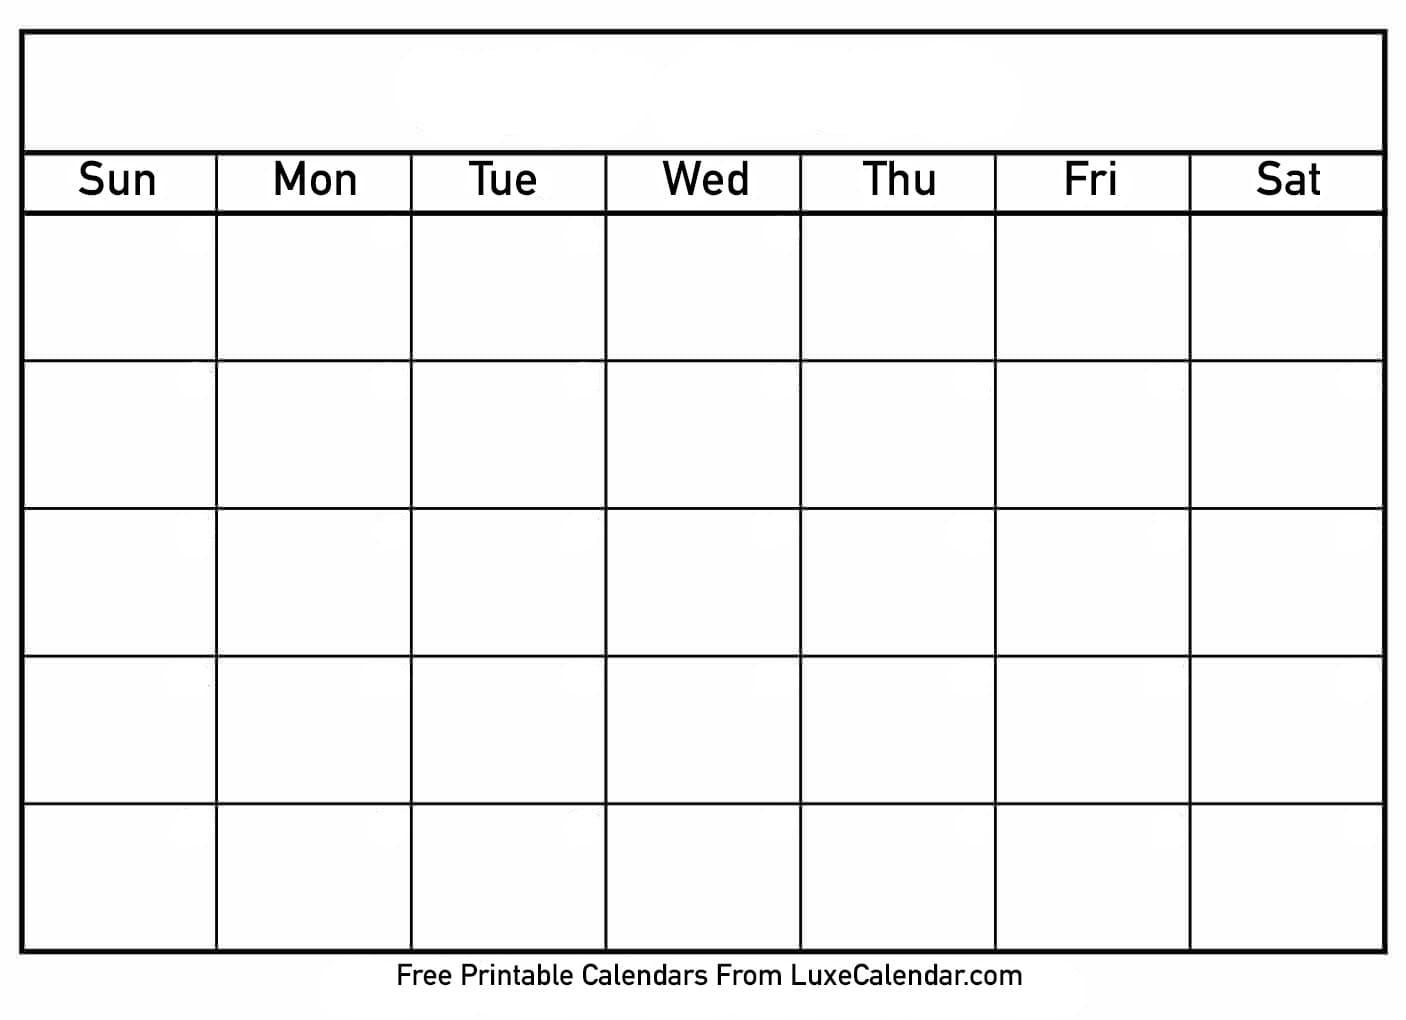 Blank Printable Calendar - Luxe Calendar